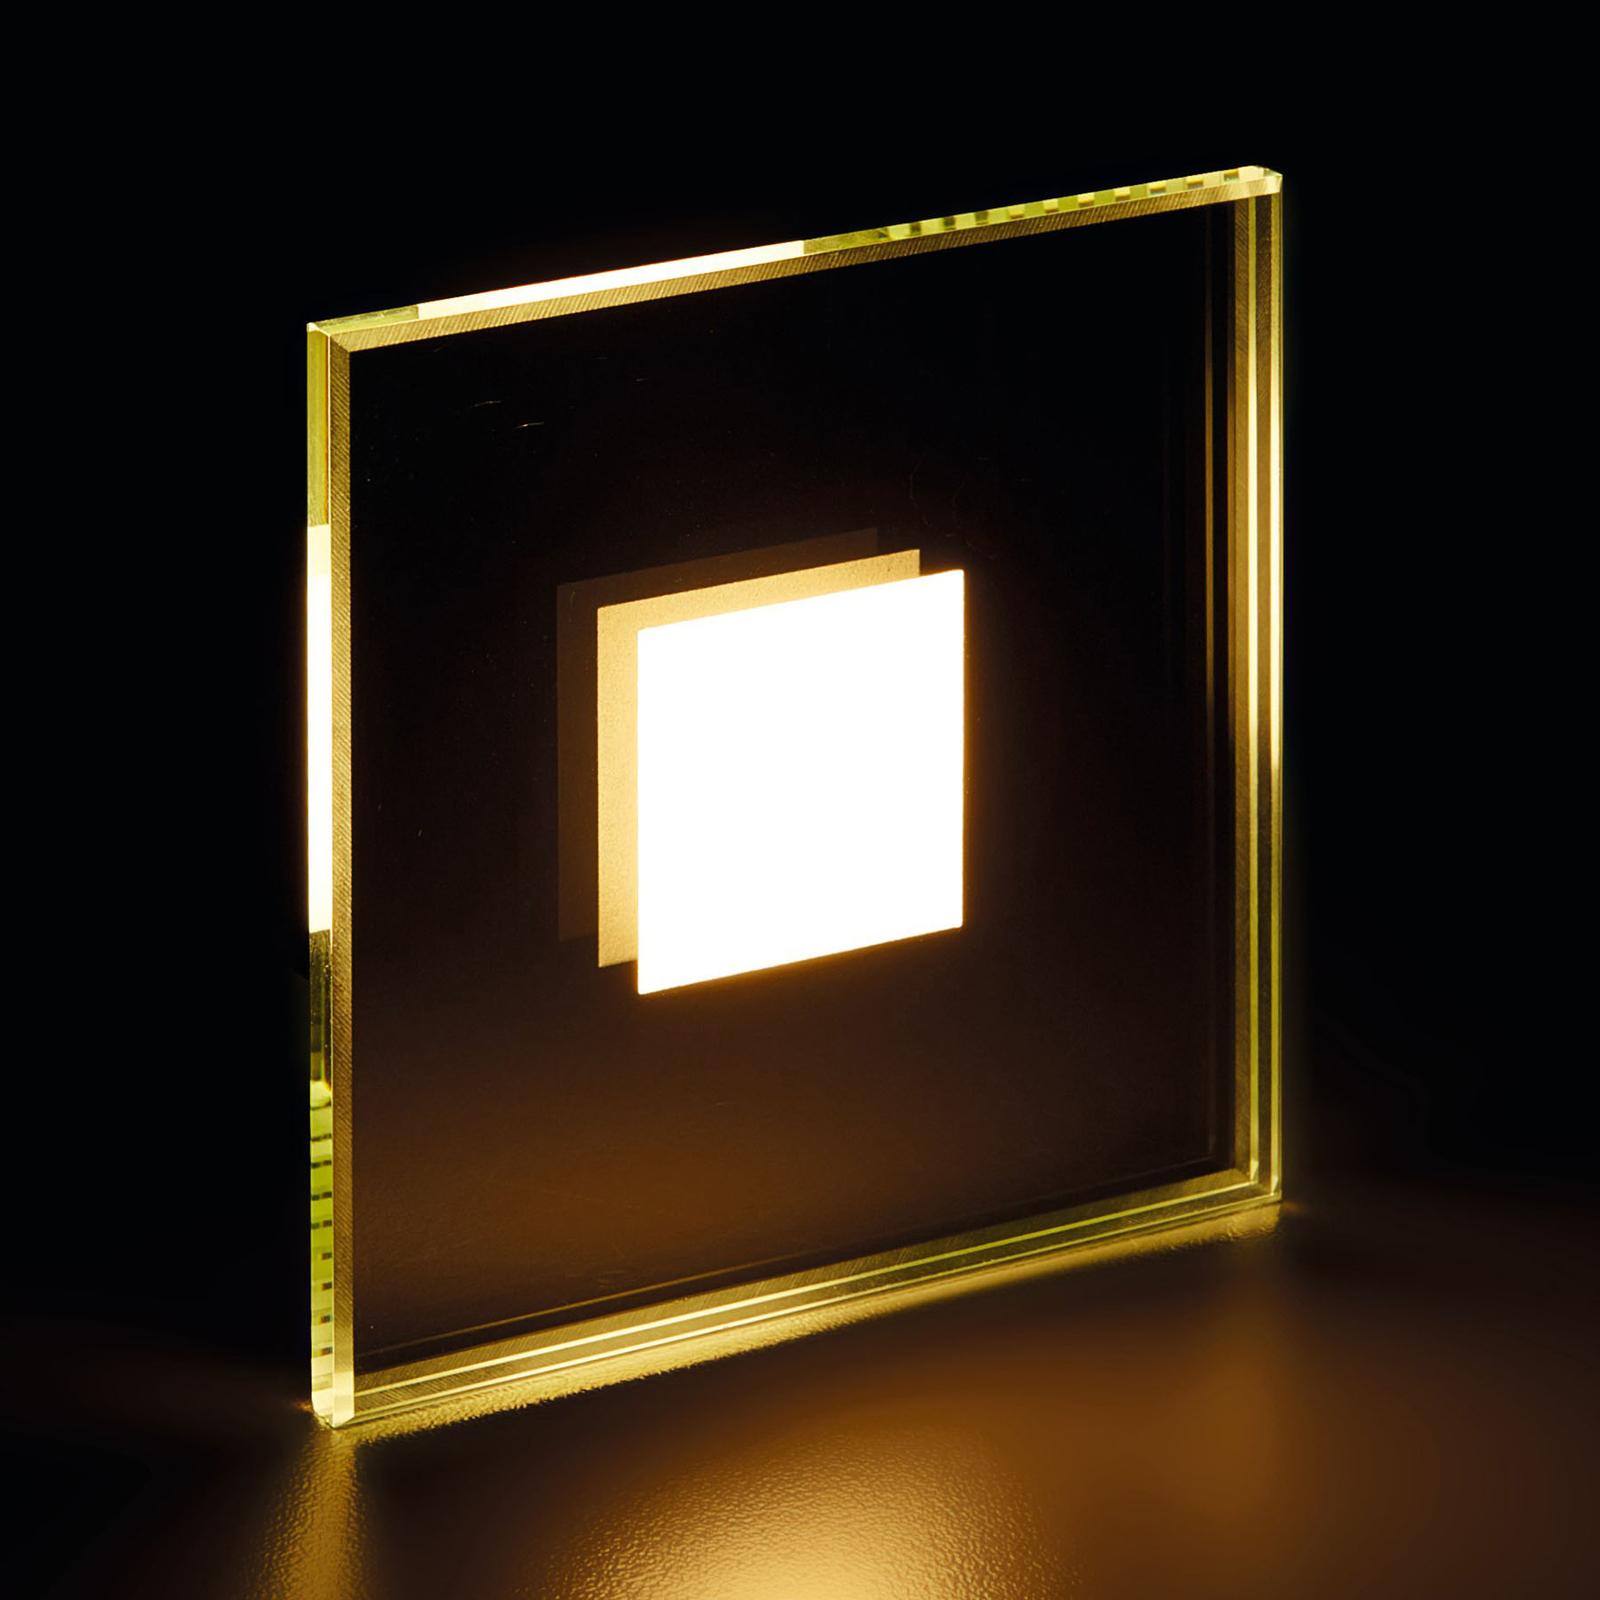 LED-uppovalaisin Fortune, peilililasi